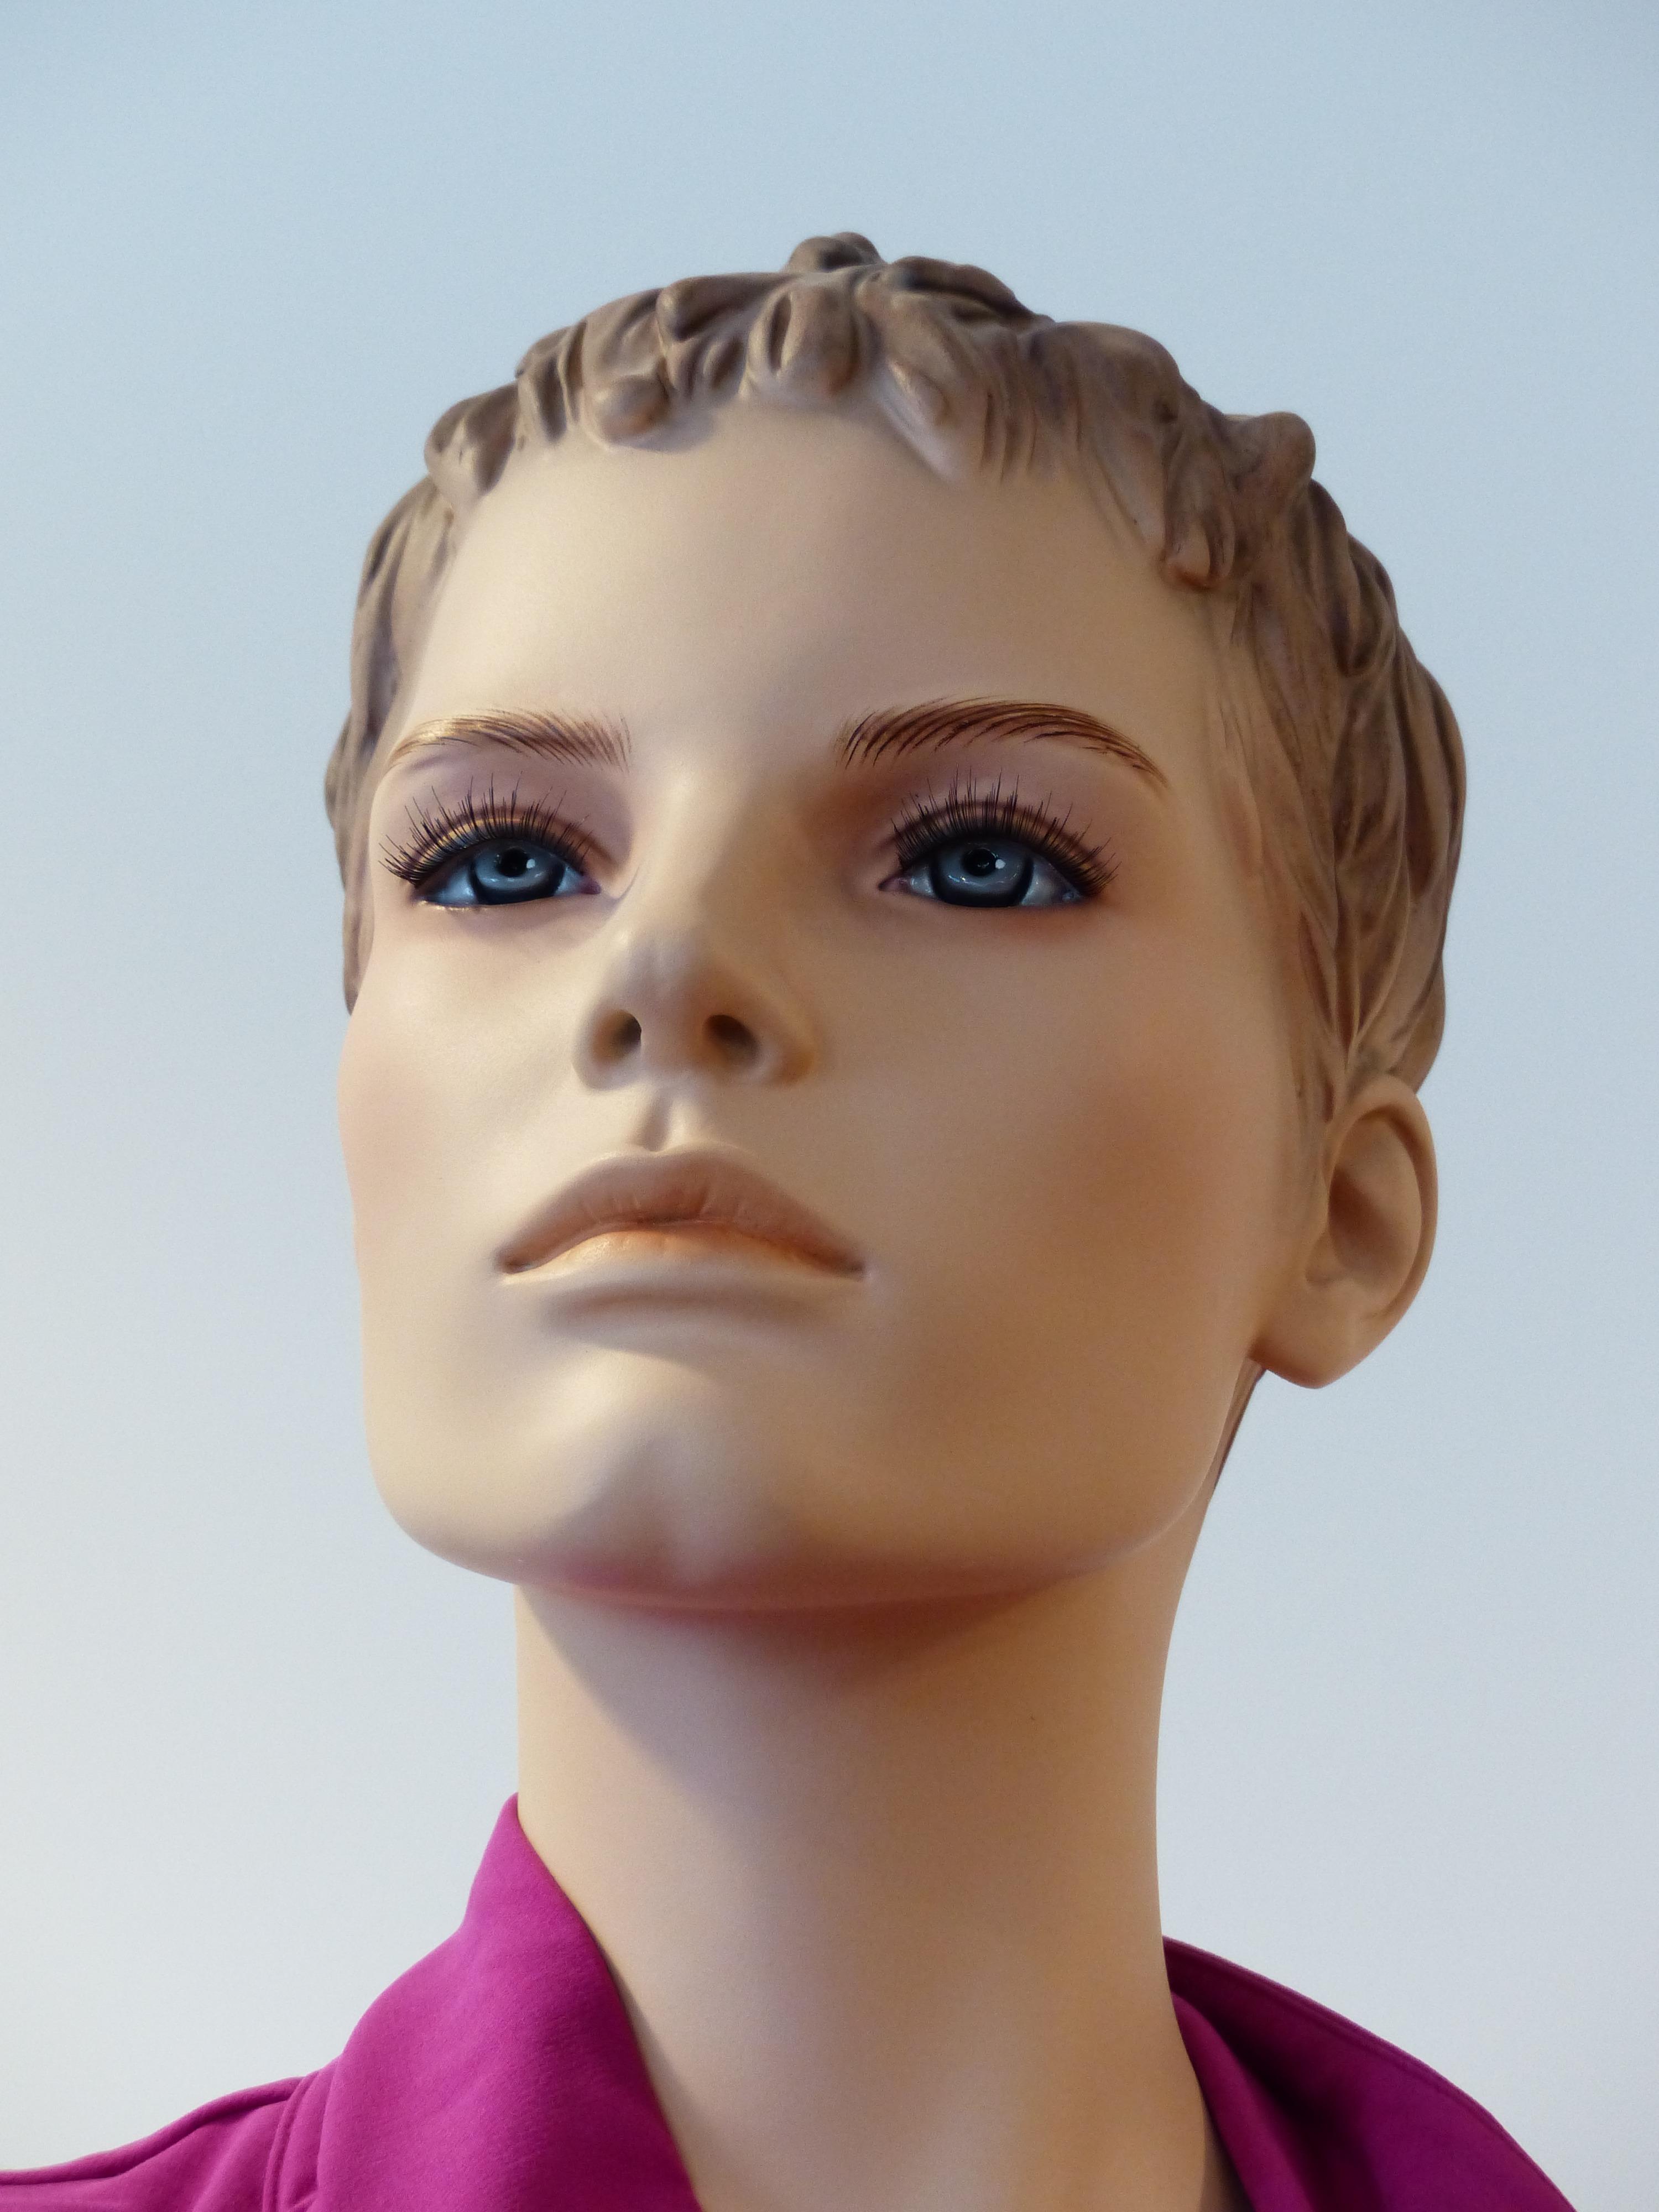 Que pourrait-il se passer aux prémices de l'époque de la conscience artificielle ?